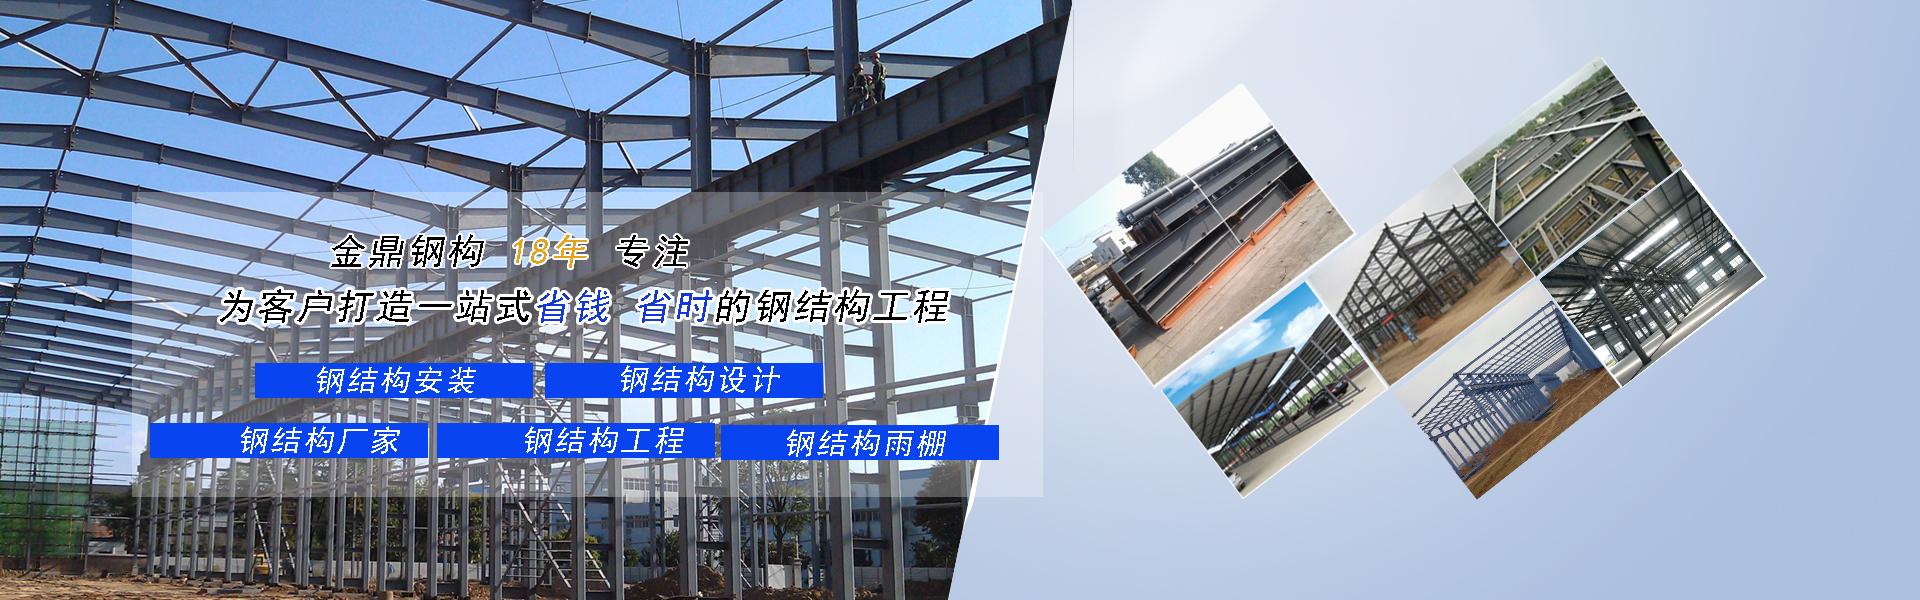 陇西钢结构工程